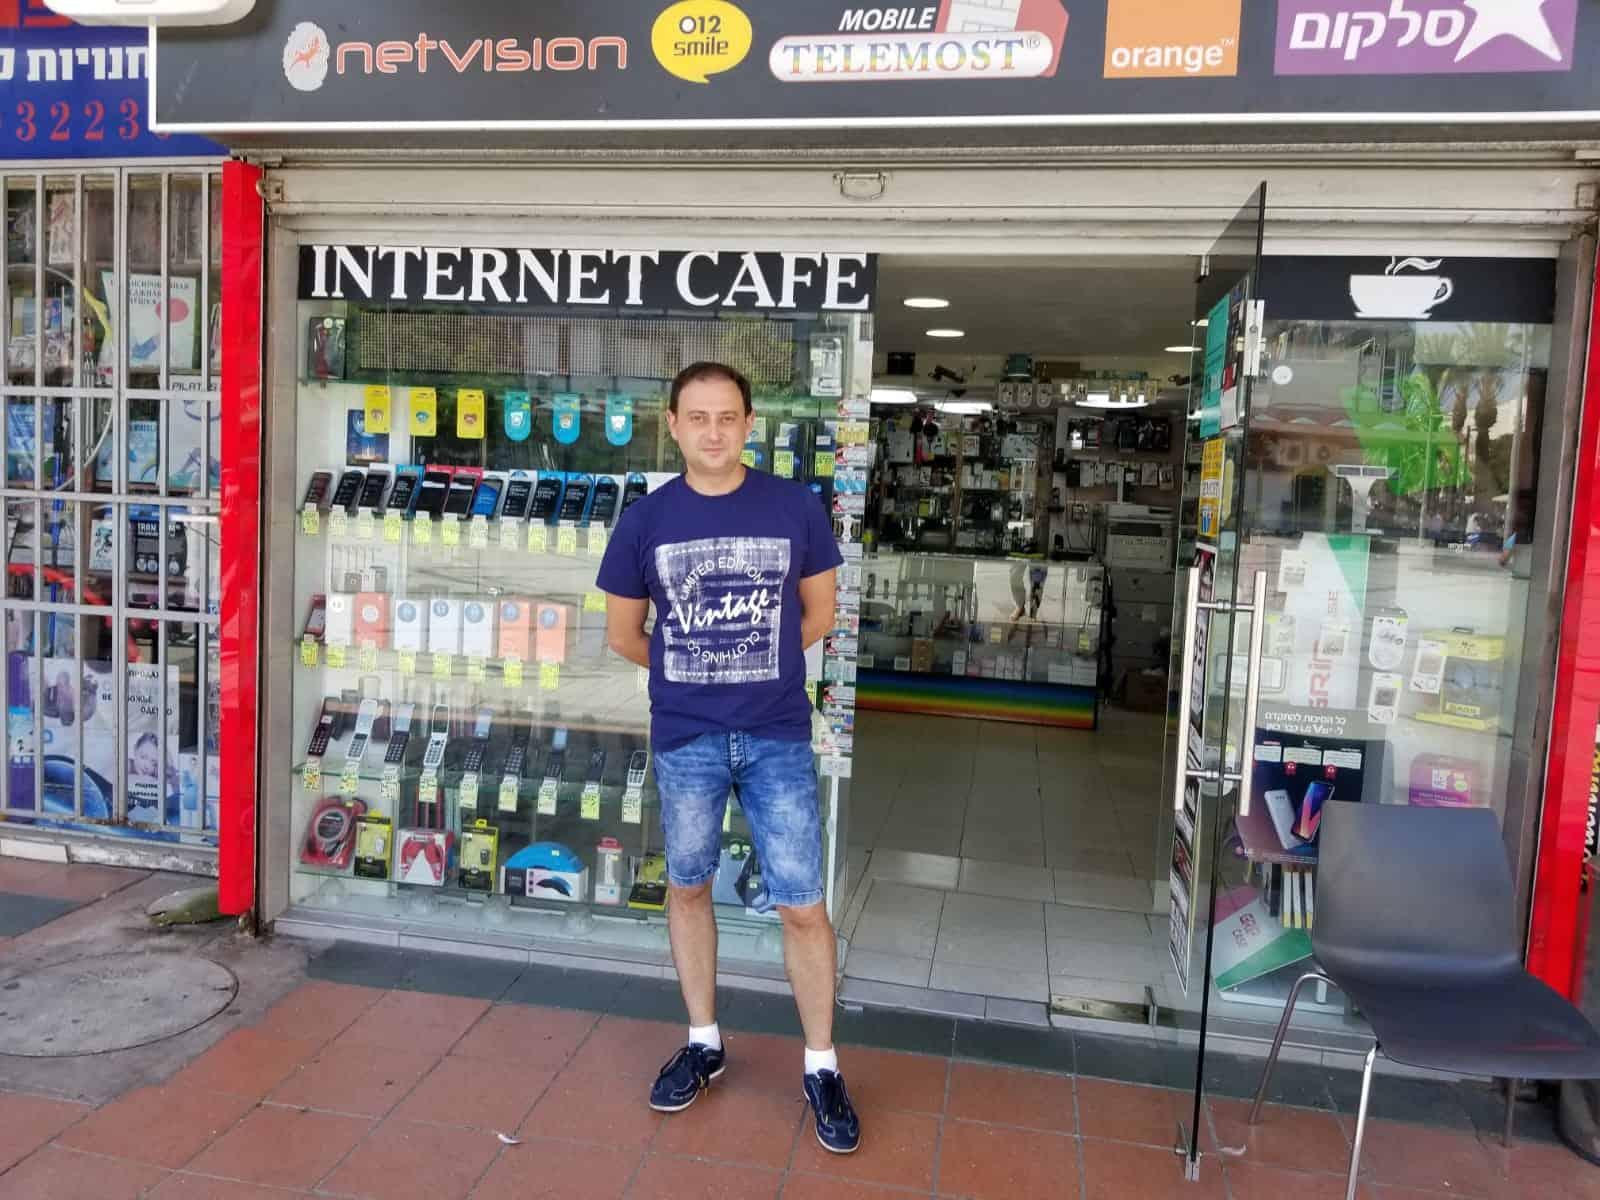 אלכס קרקוביץ בחזית חנותו, צילום: כנרת שמרוני